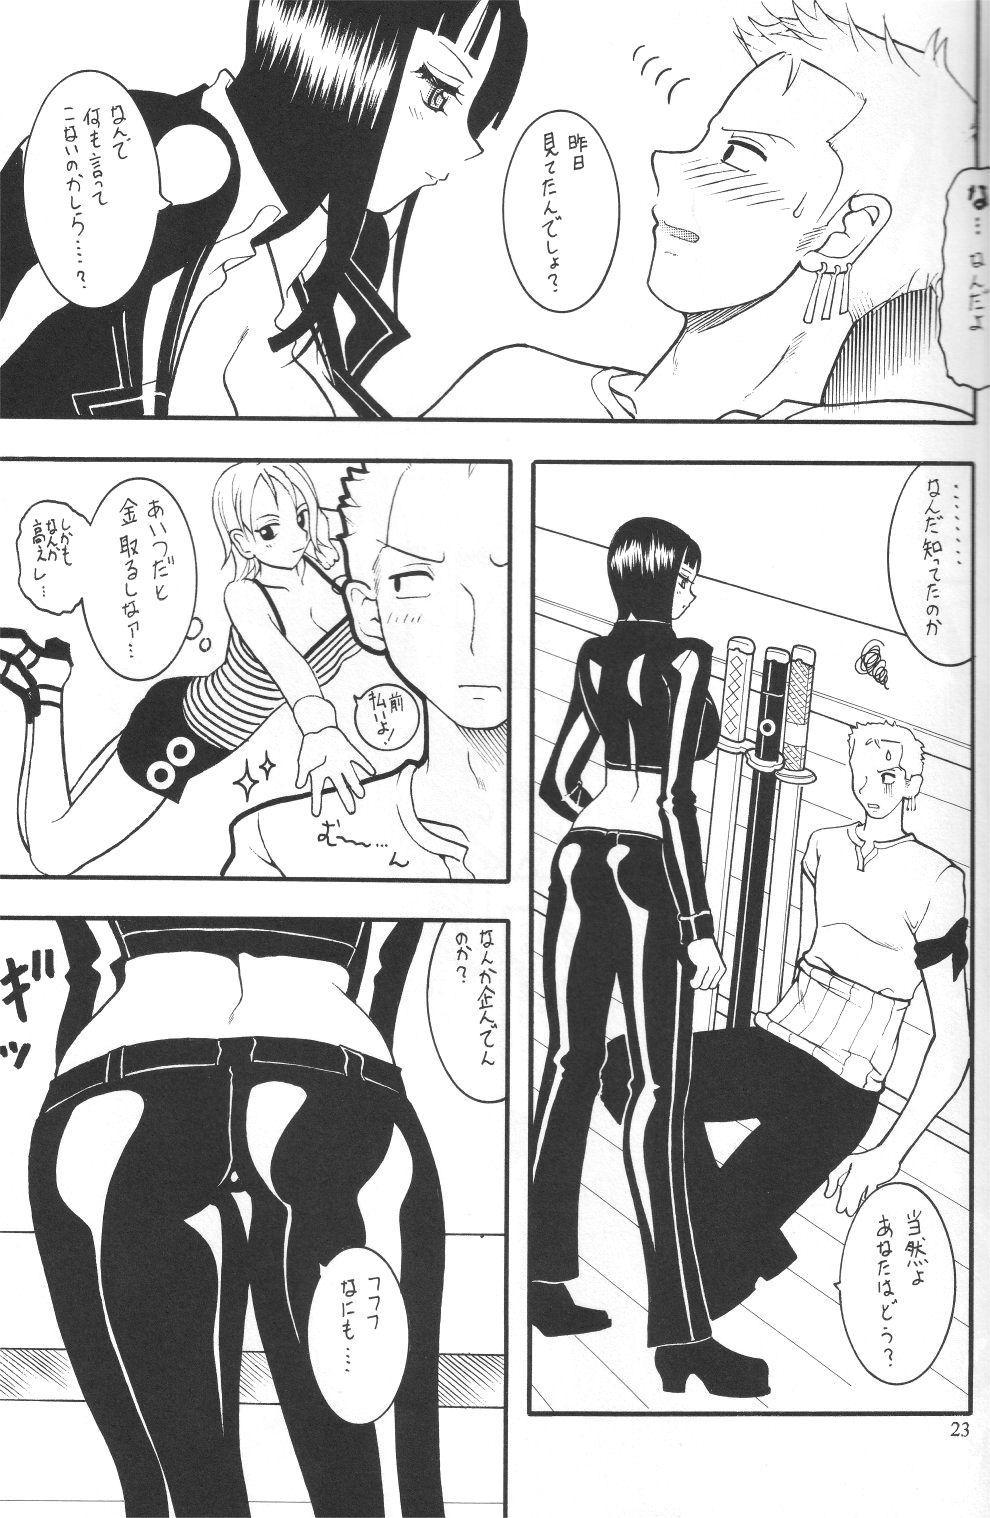 Semedain G Works Vol. 24 - Shuukan Shounen Jump Hon 4 21